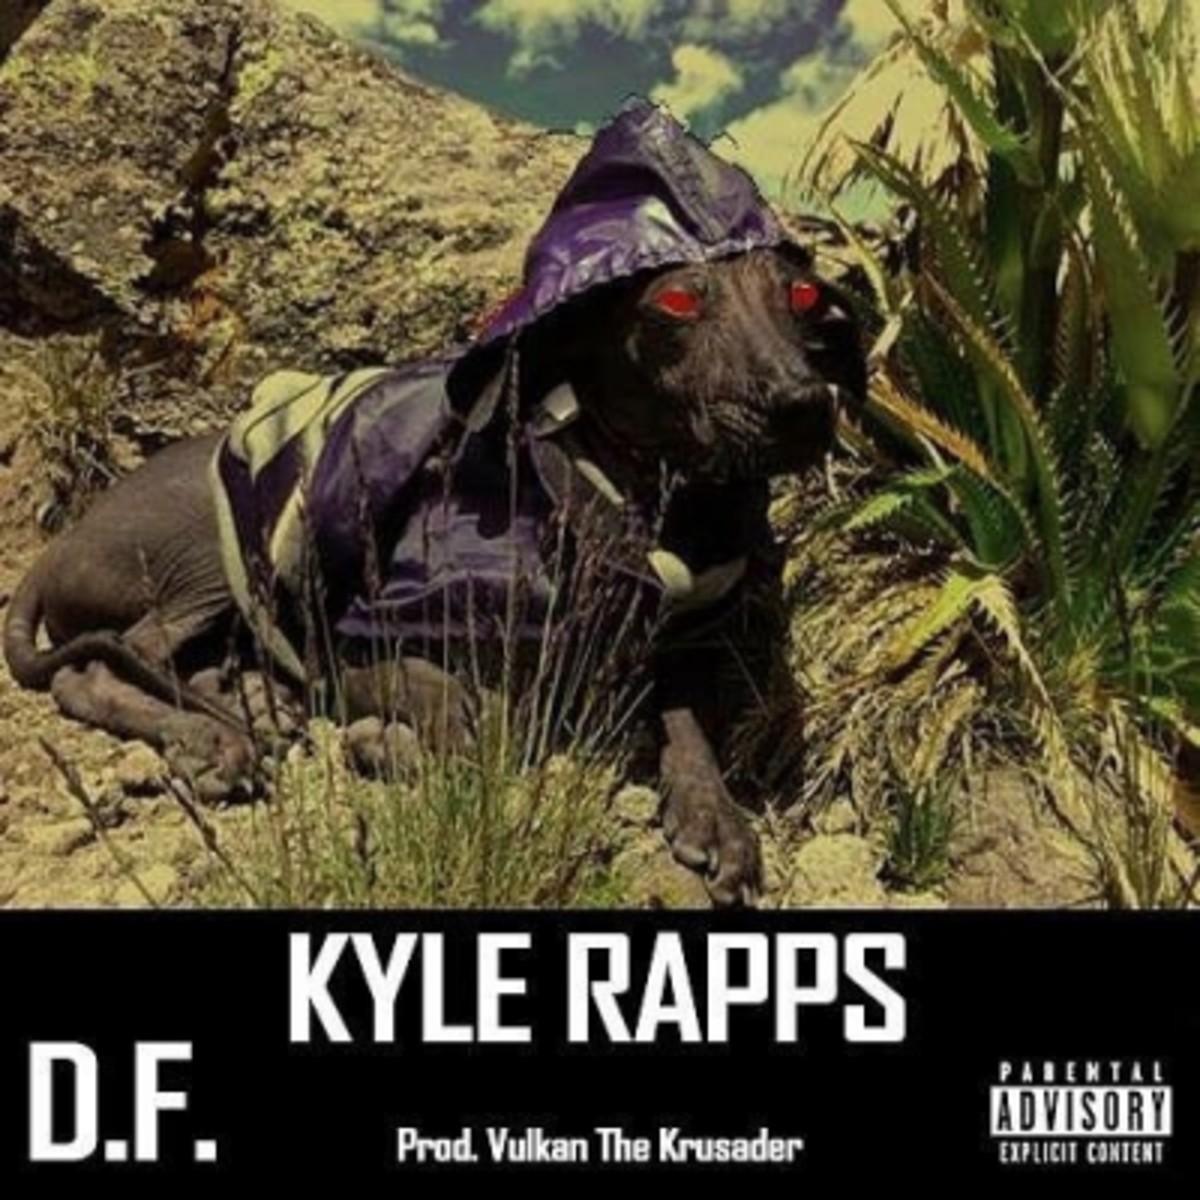 kyle-rapps-df.jpg